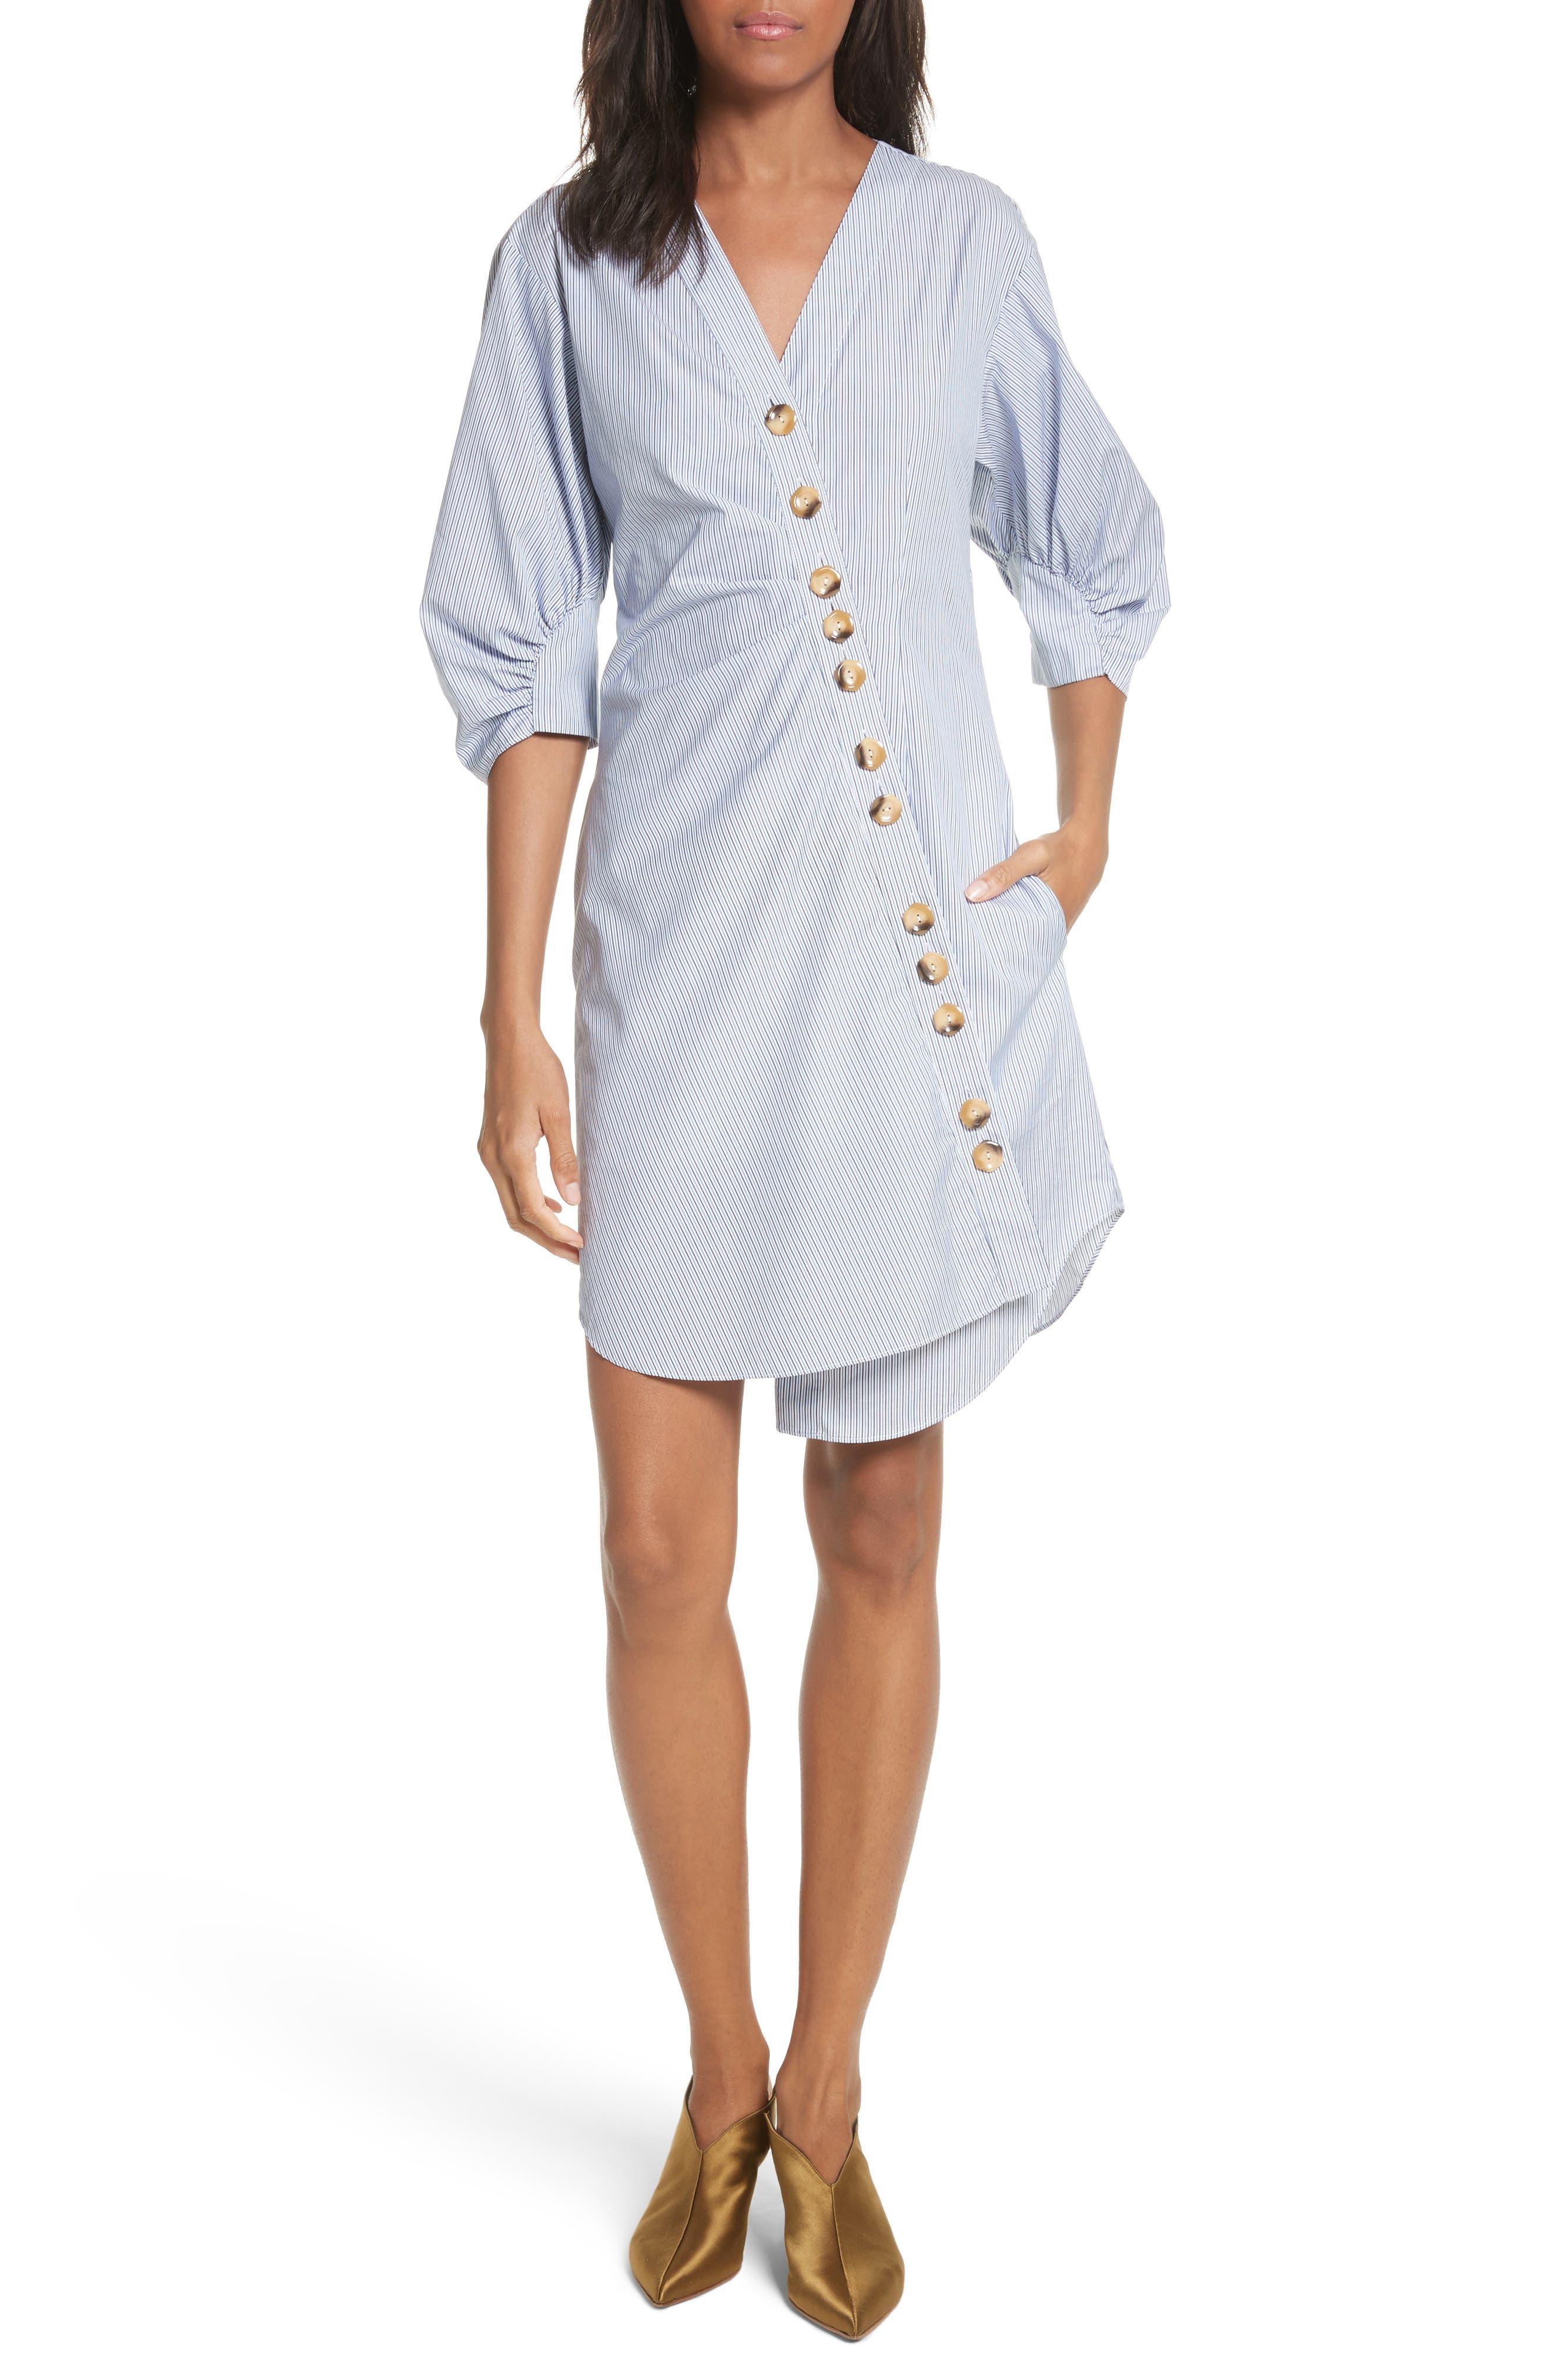 Tibi Asymmetrical Cotton Shirtdress